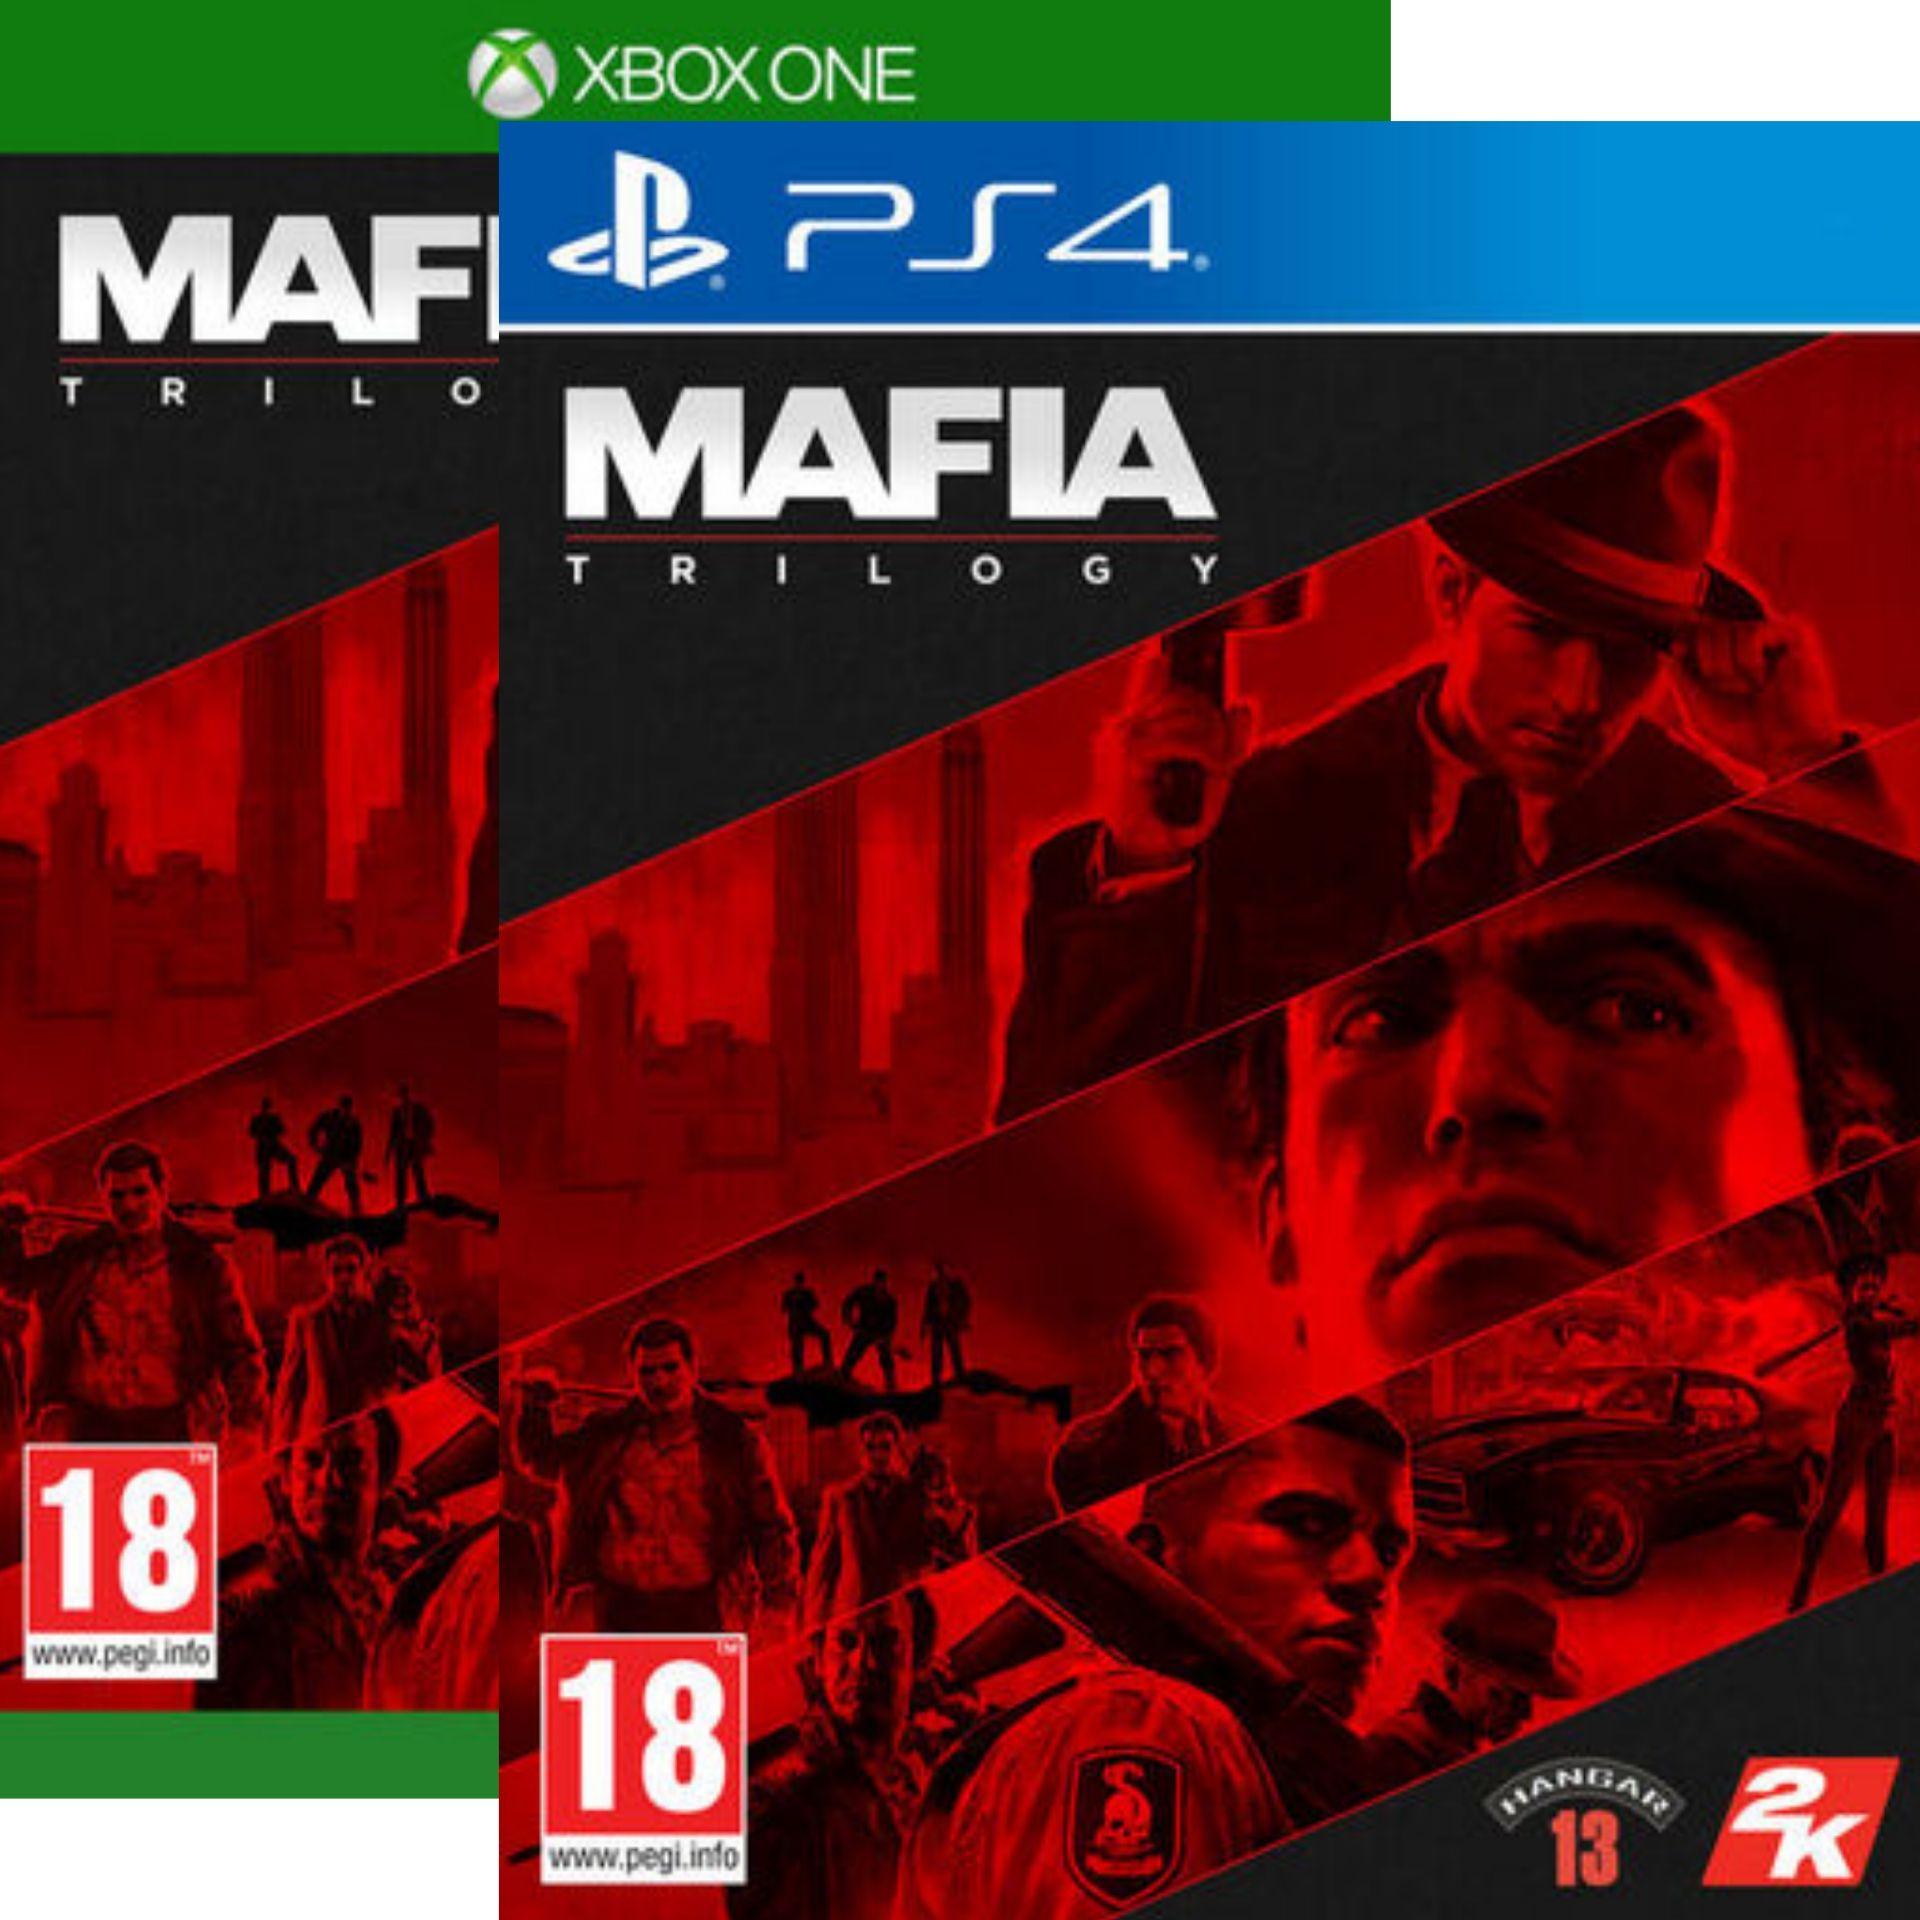 Mafia Trilogy sur PS4 ou Xbox One